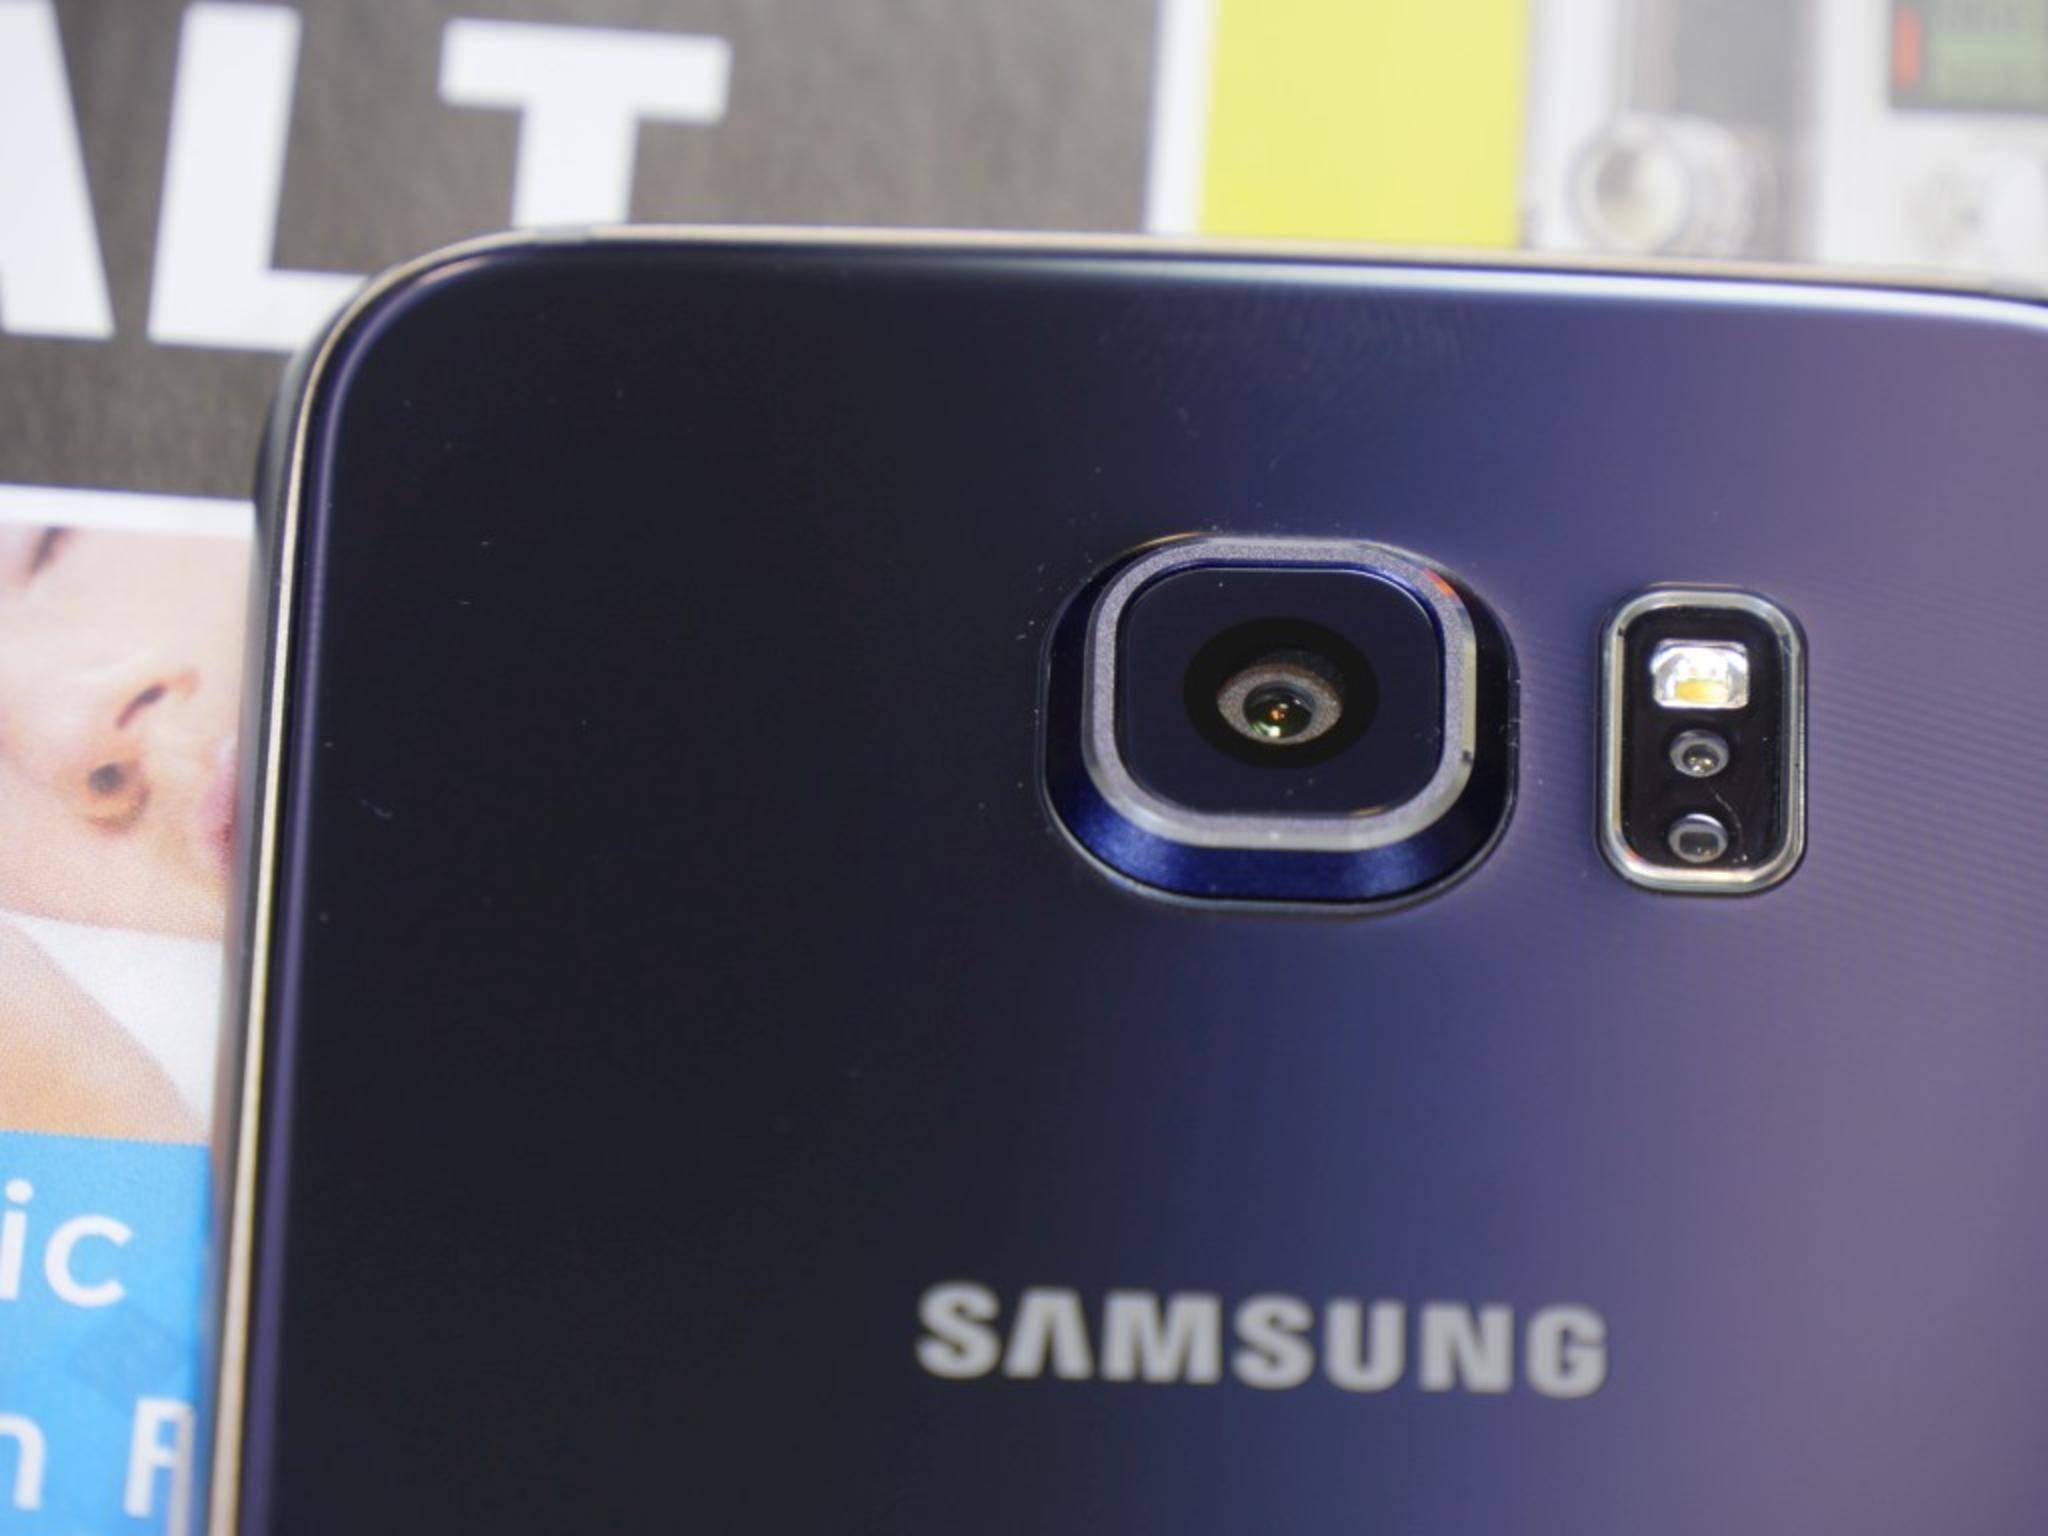 Die Kamera des Galaxy S7 soll einen relativ großen 1/2,5 Zoll-Sensor bekommen.